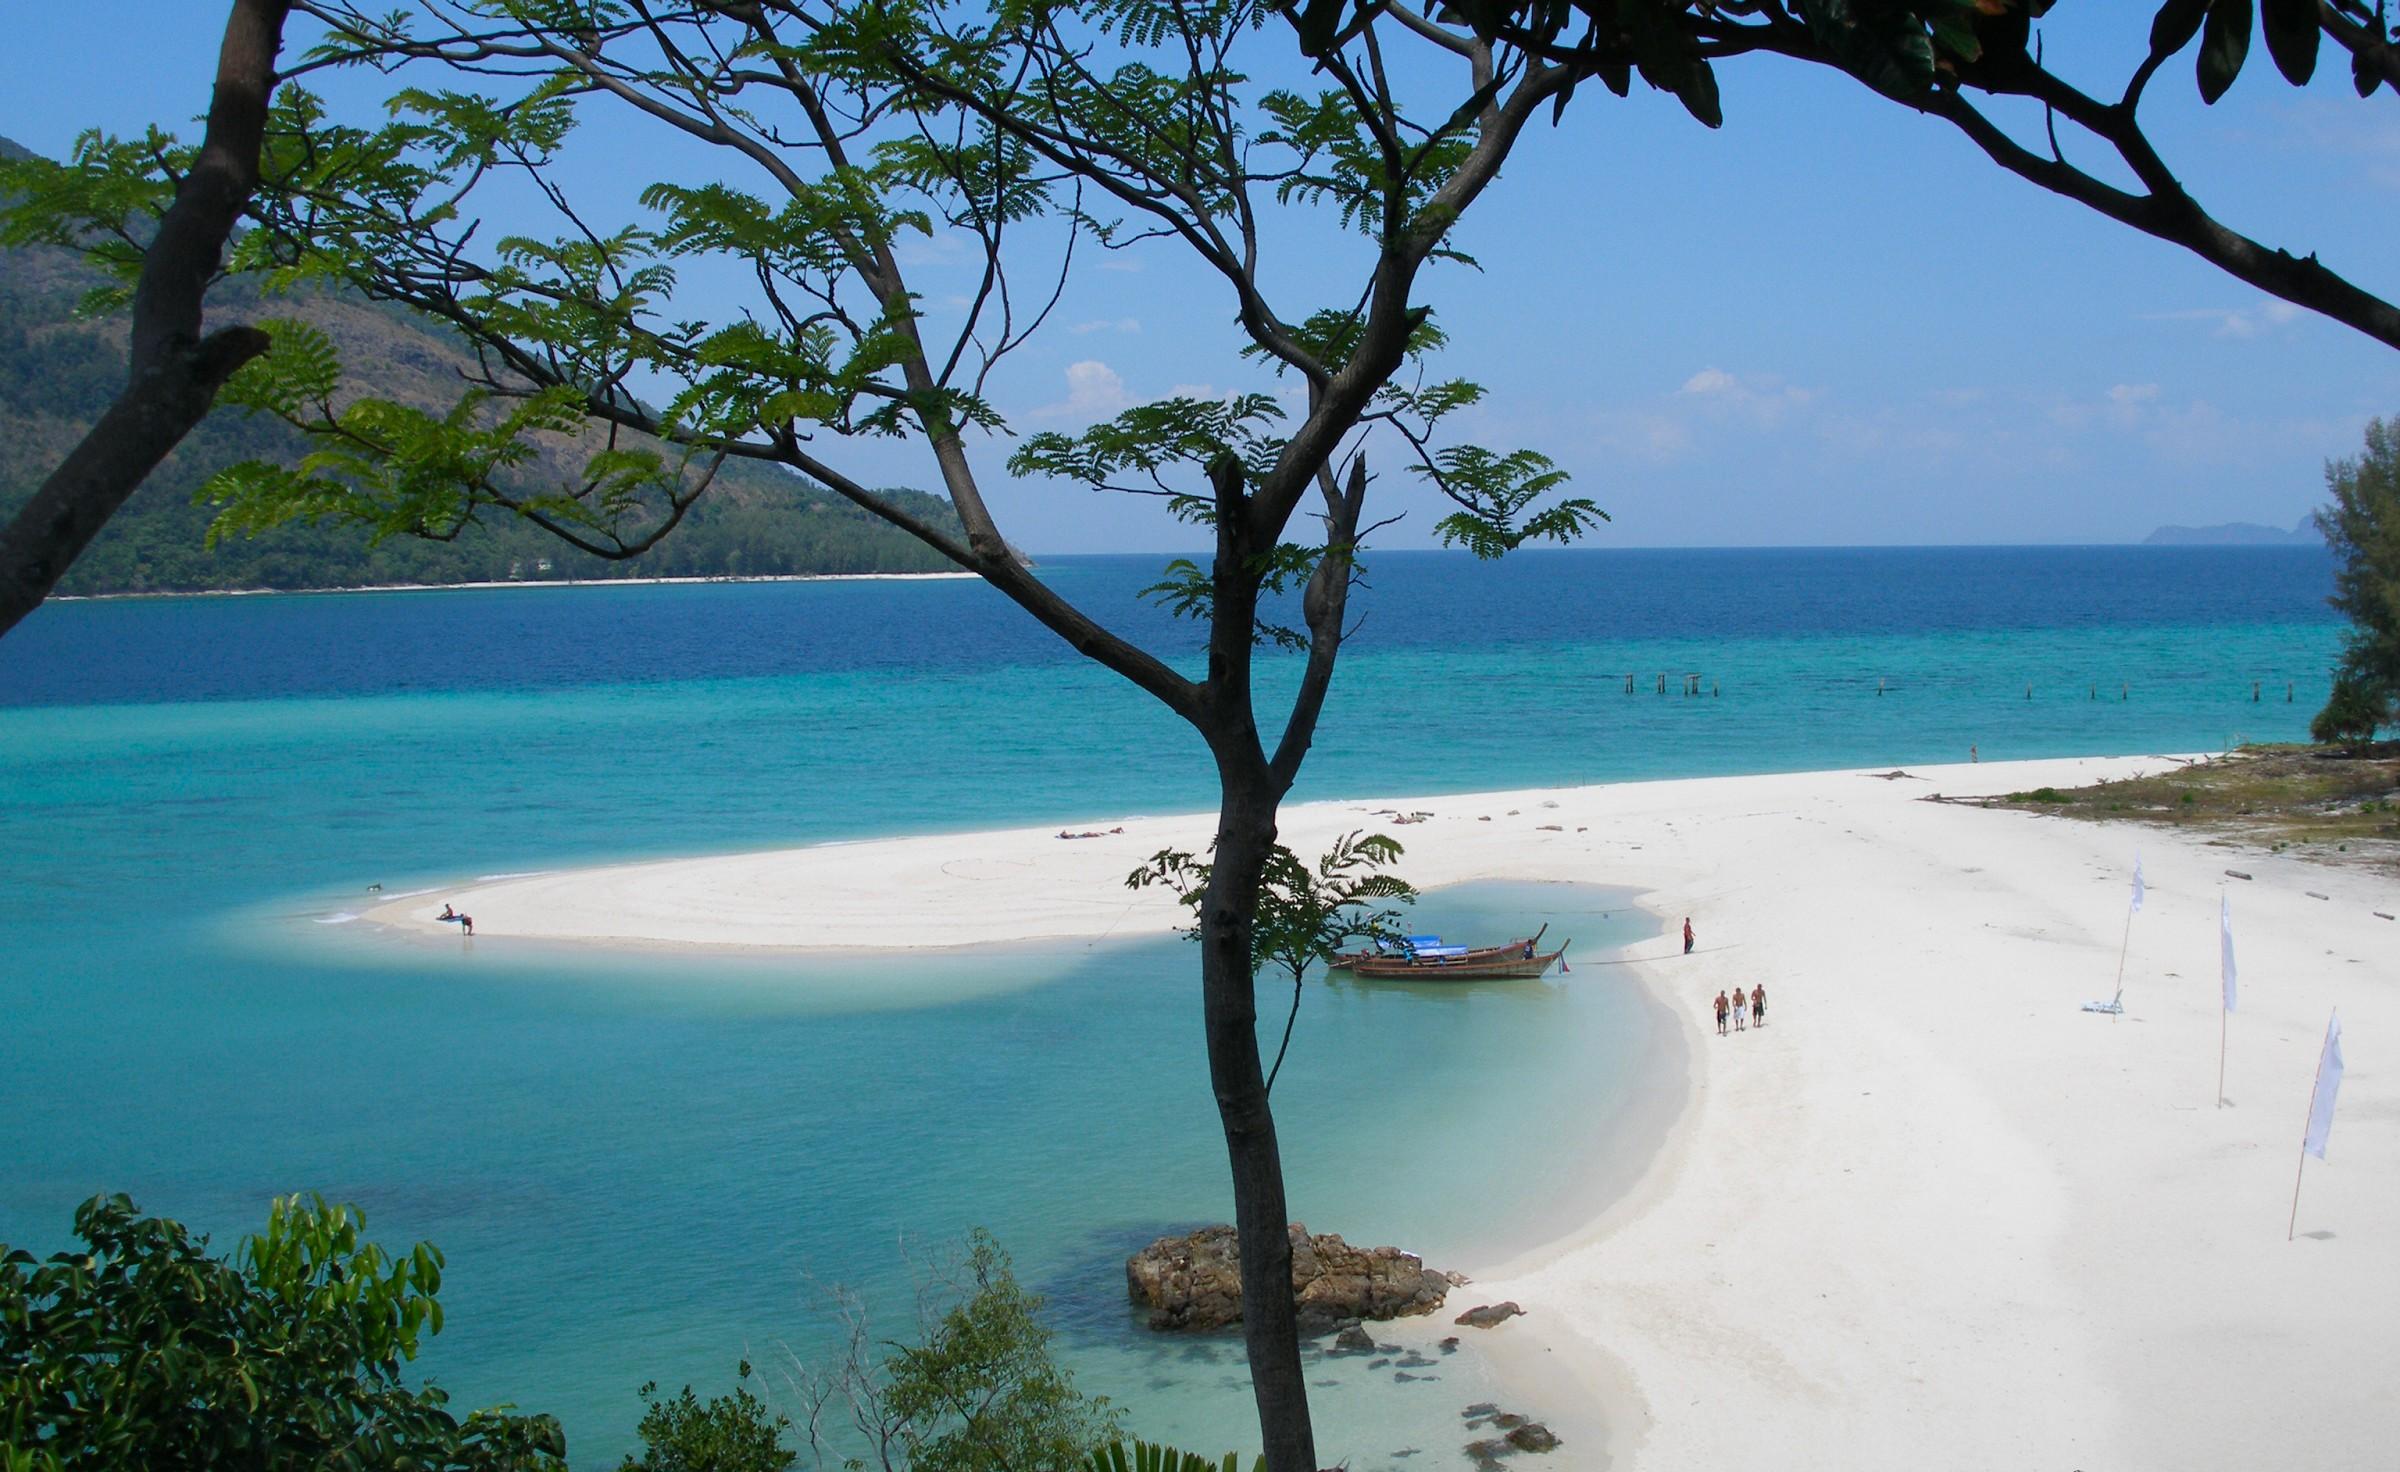 Koh_Lipe_island_coast